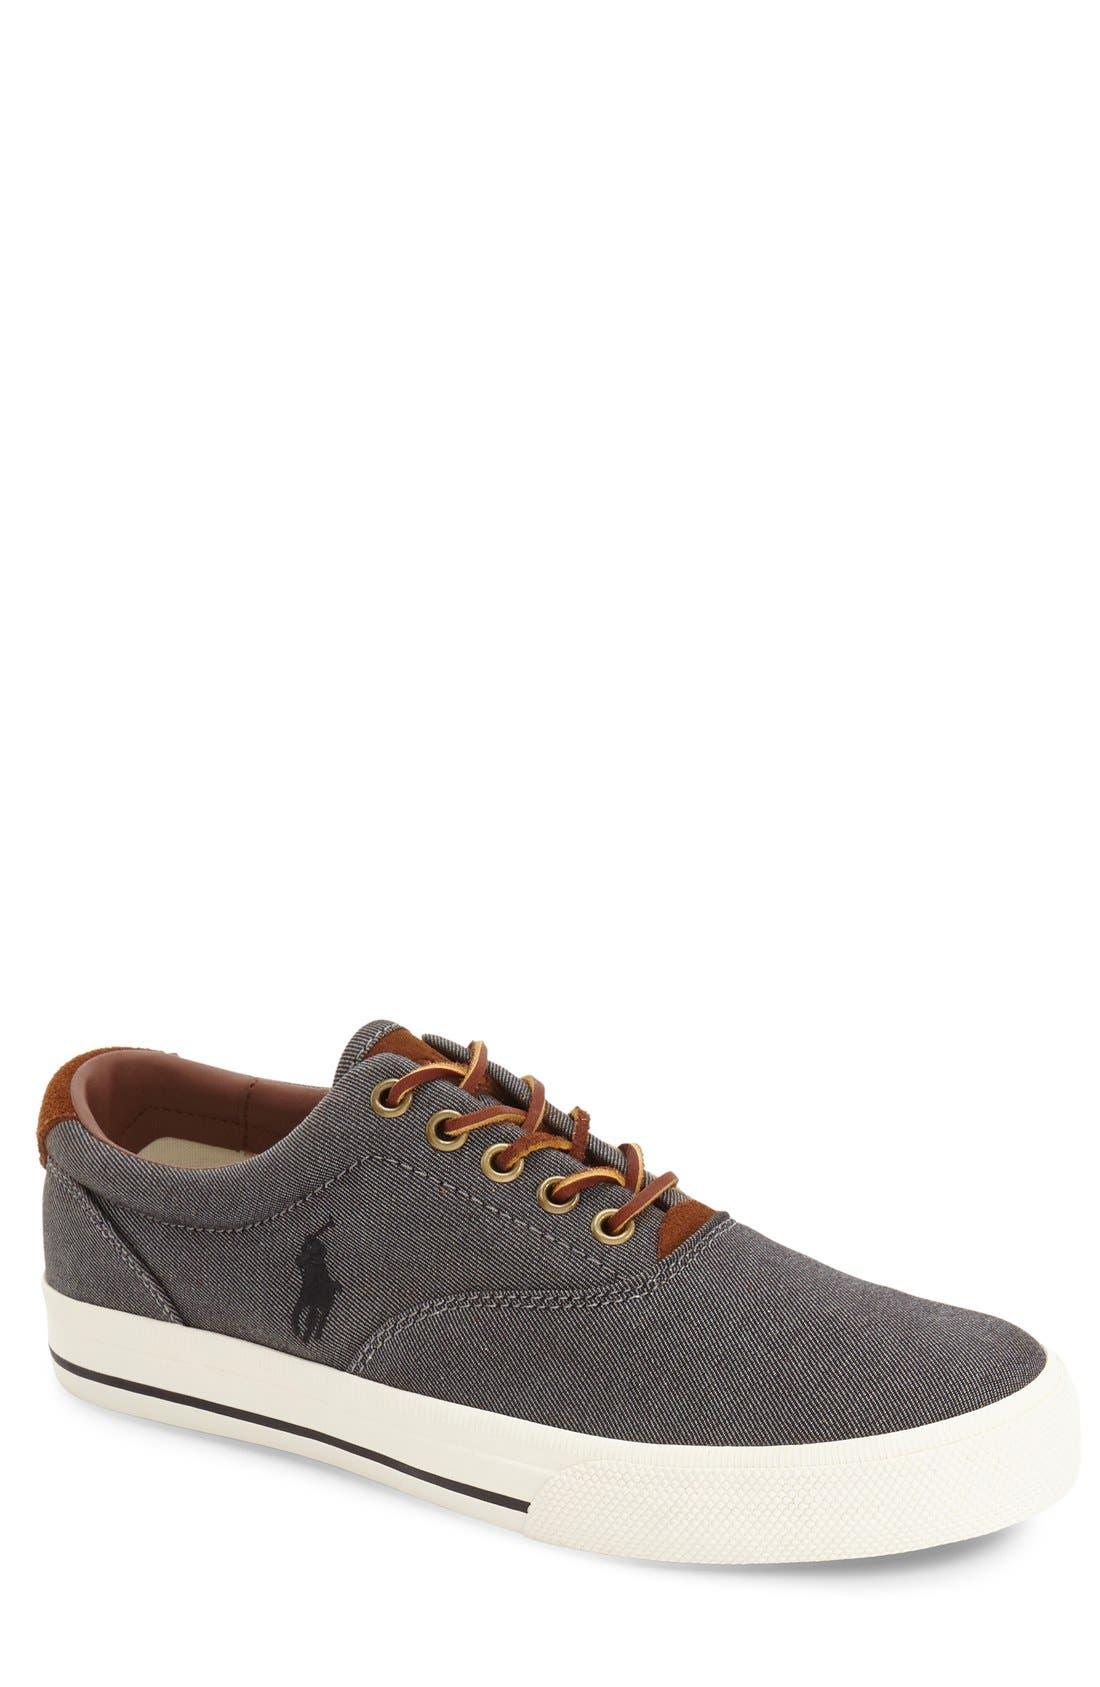 Vaughn Sneaker,                             Main thumbnail 1, color,                             001